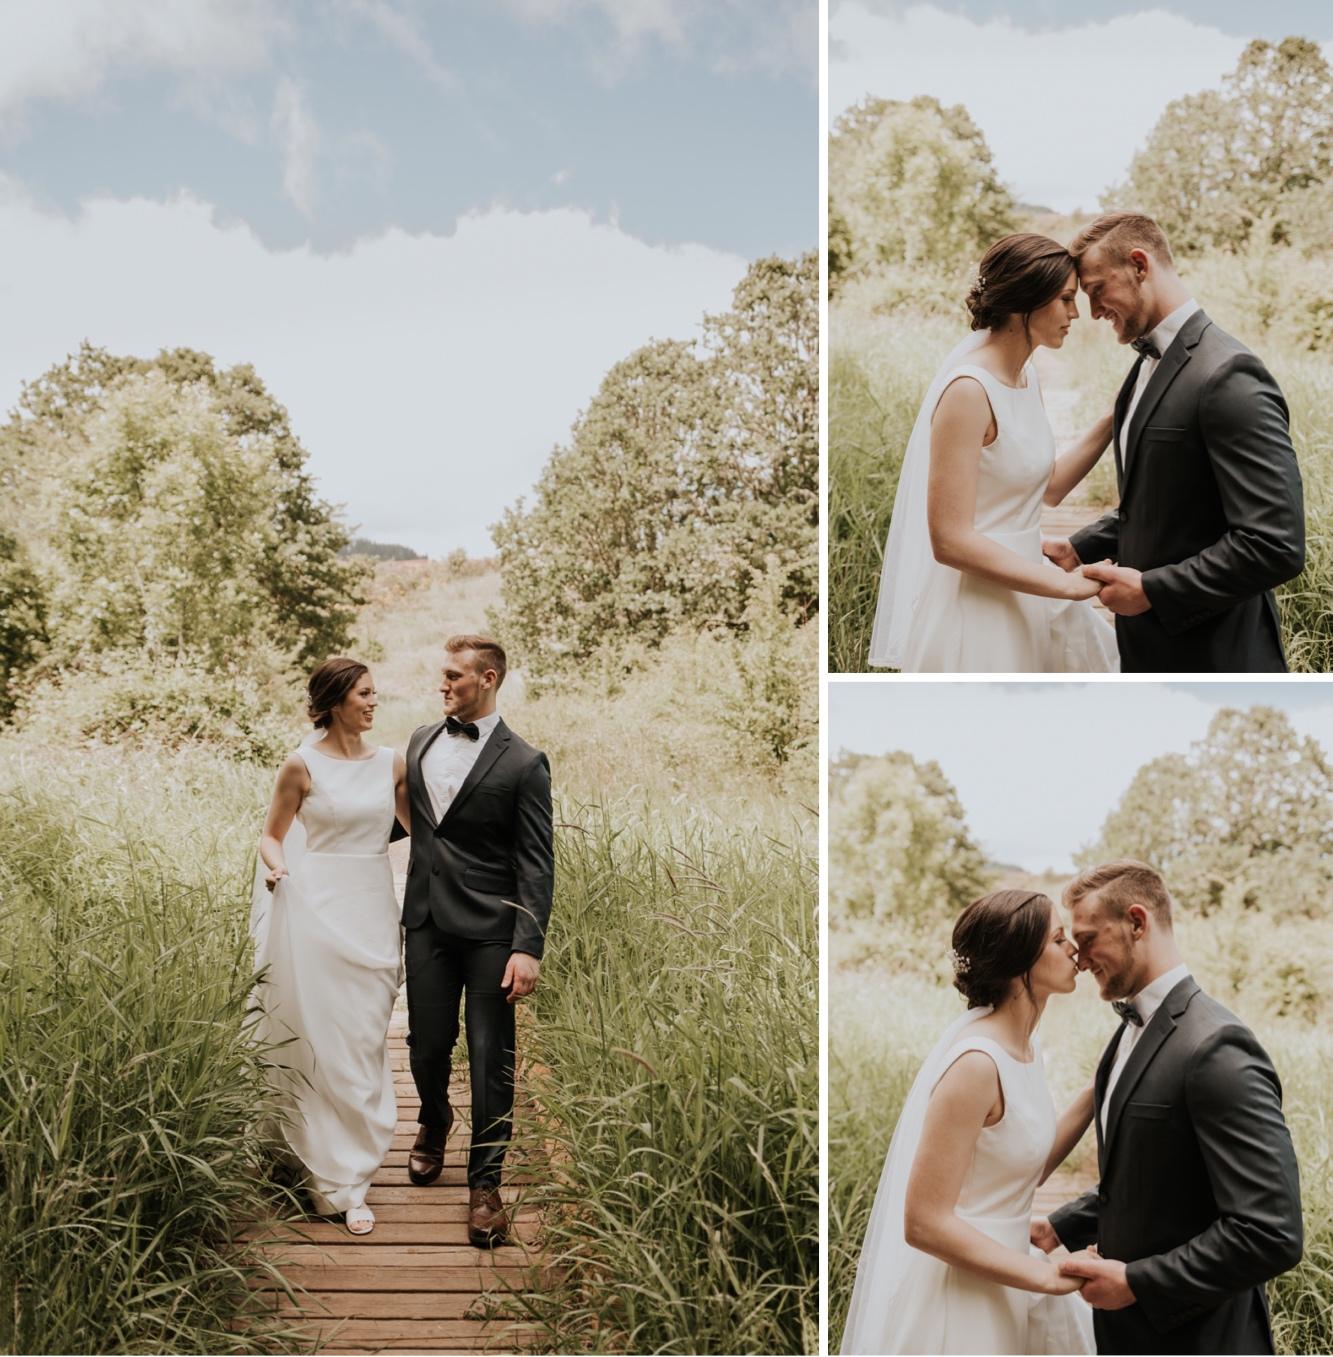 019_CorvallisOregonBarnWedding-166_CorvallisOregonBarnWedding-173_CorvallisOregonBarnWedding-172_corvallis_wedding_photographer.jpg